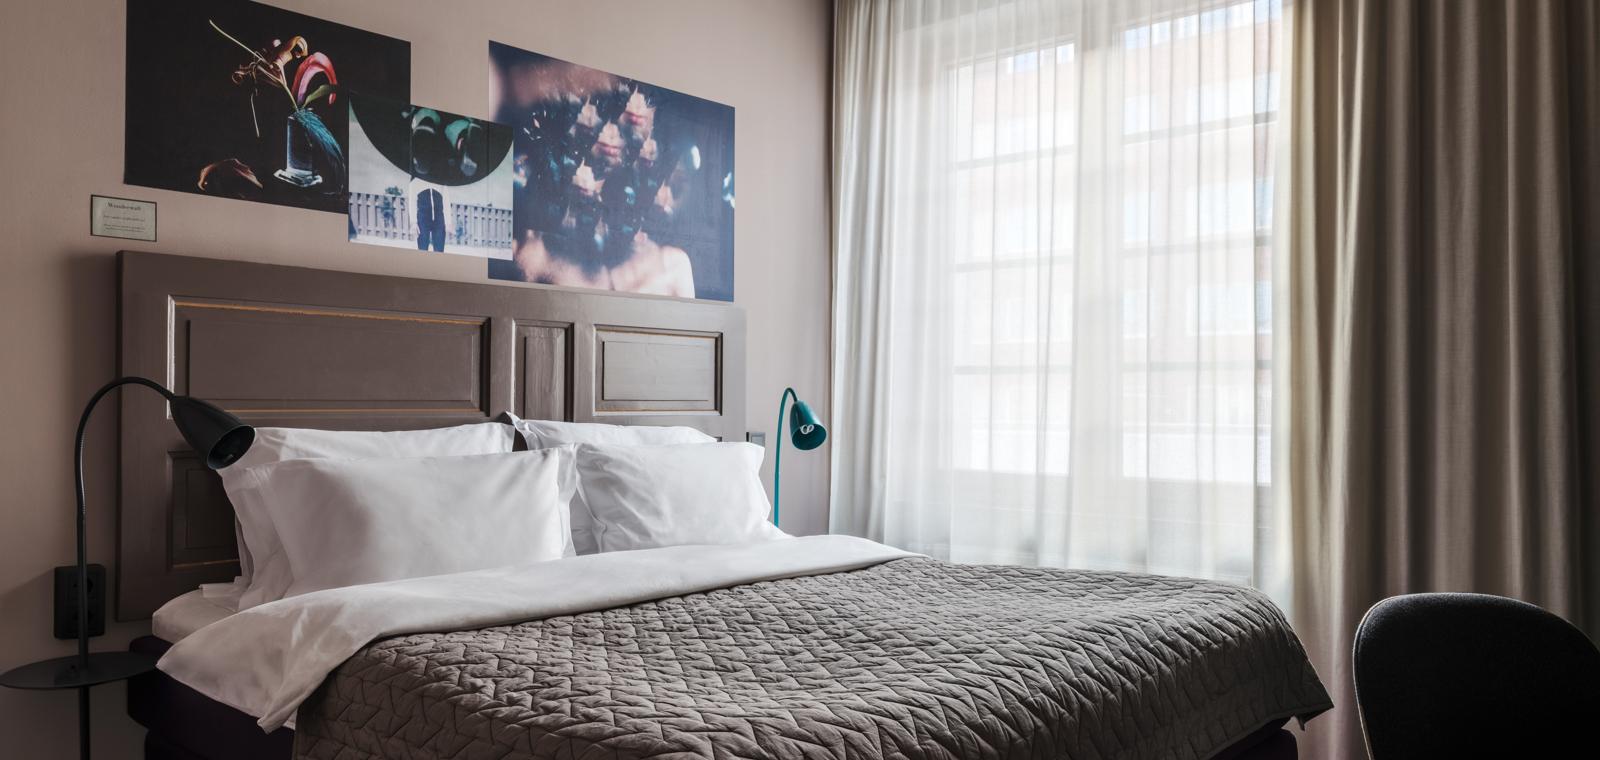 ARNJS-King-Bed-Room-Bed